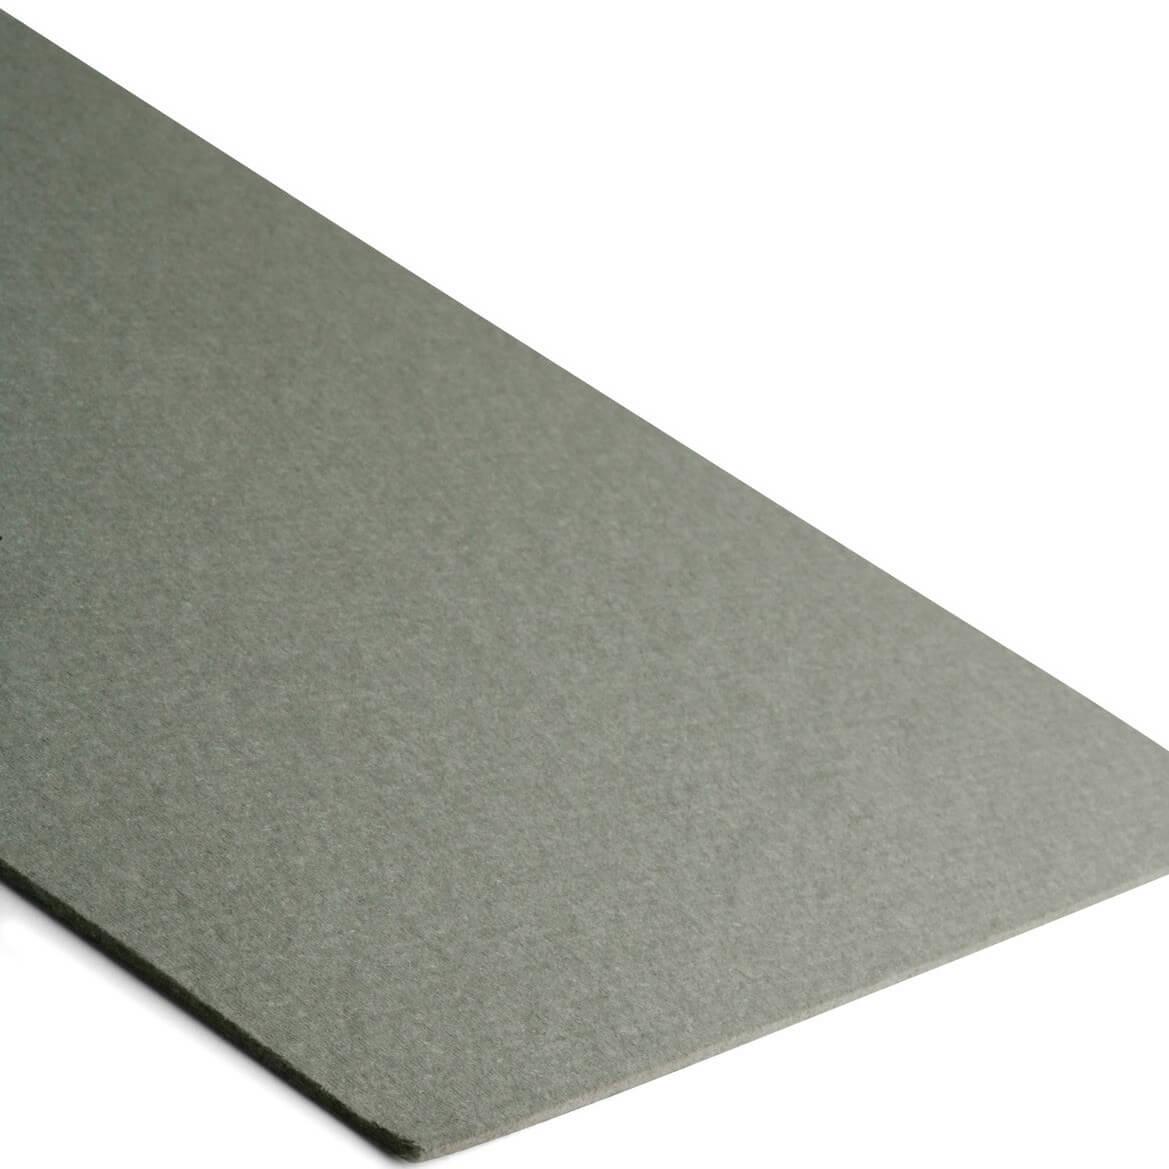 Sous couche : Éco fibre 4 mm